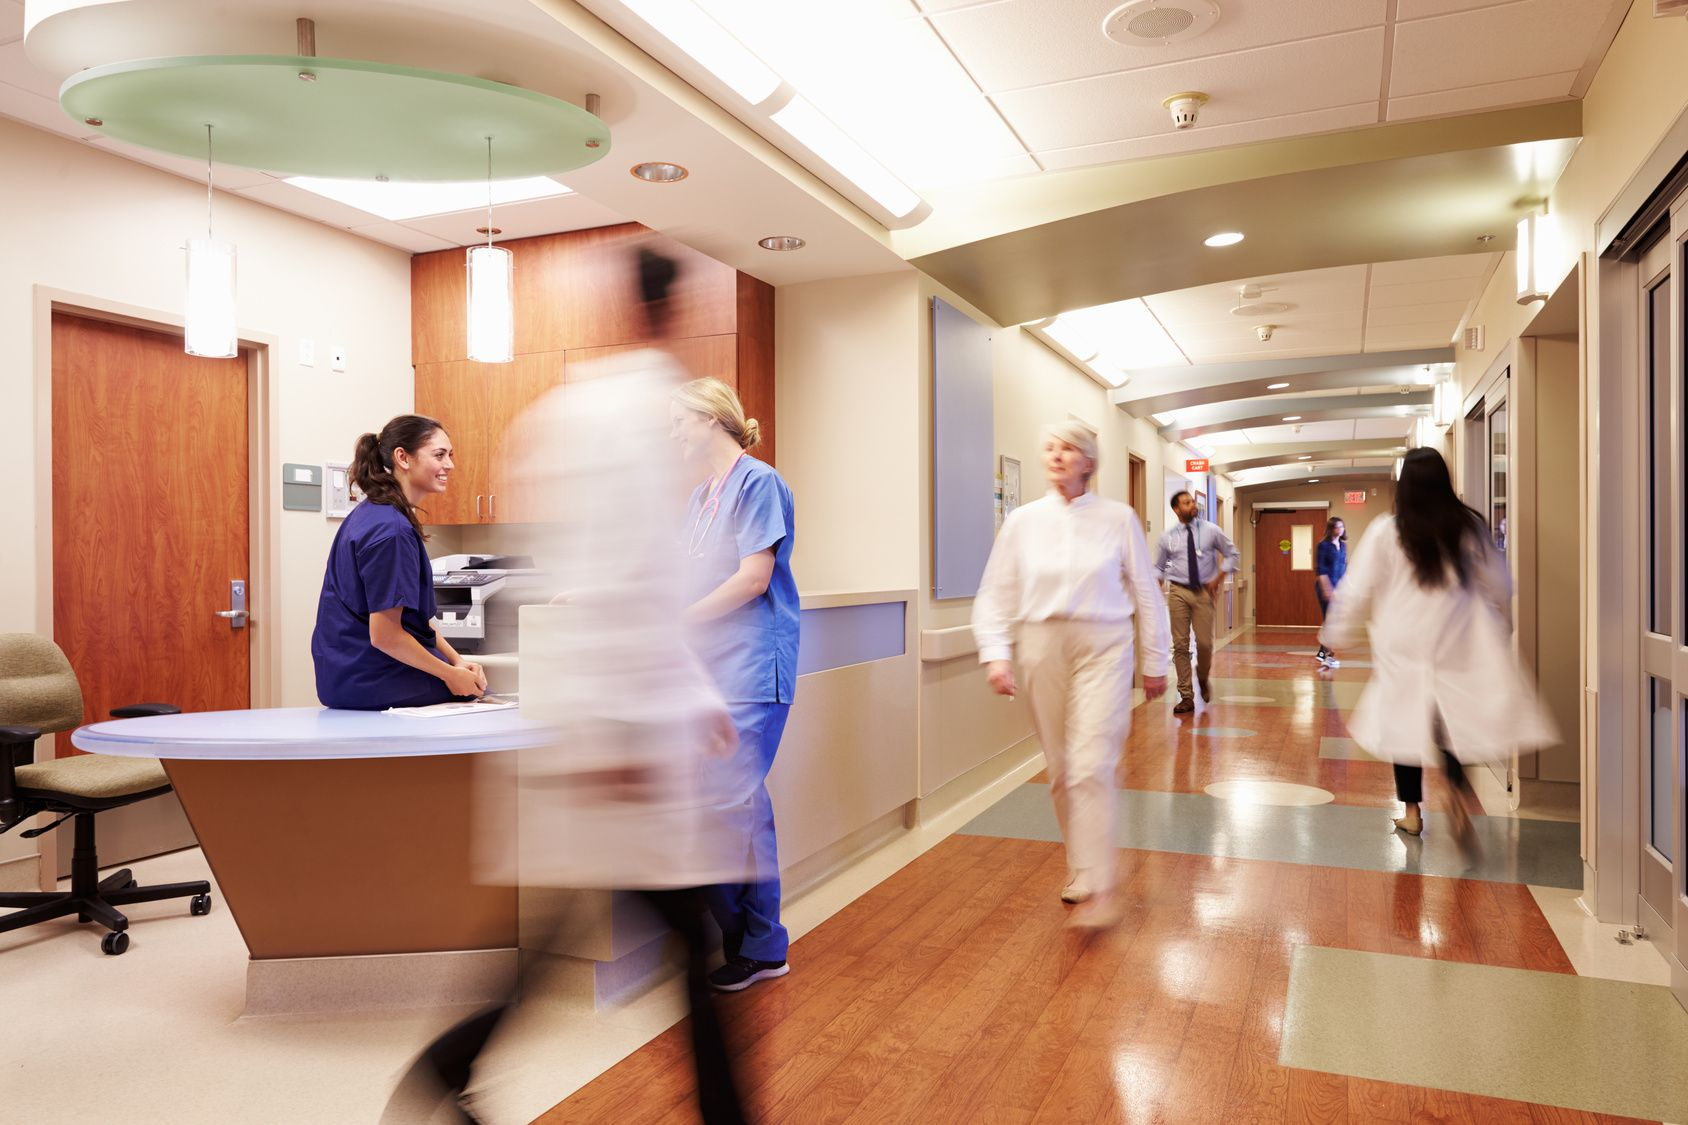 Serviceplan wünscht sich mehr Innovationen im Healthcarebereich